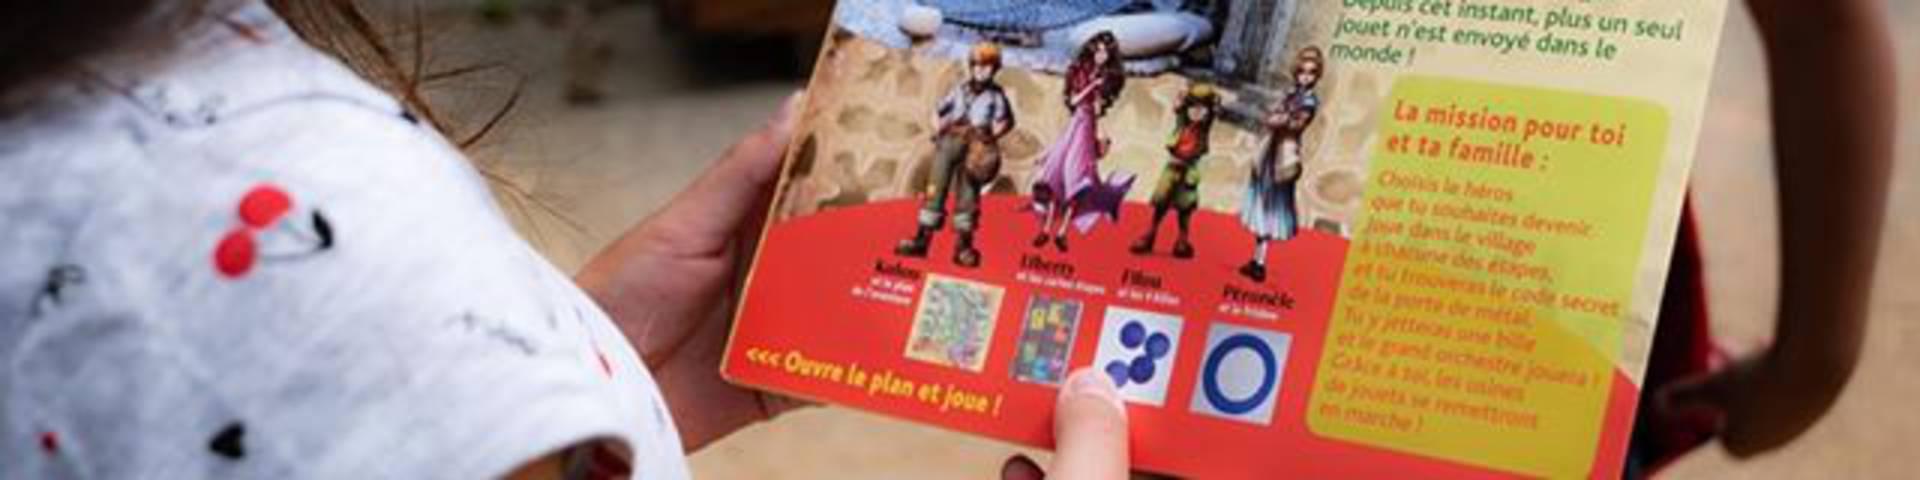 Aventures Jeux Parc du Pilat Bouclier des secrets Enfants famille activités cahsse au trésor